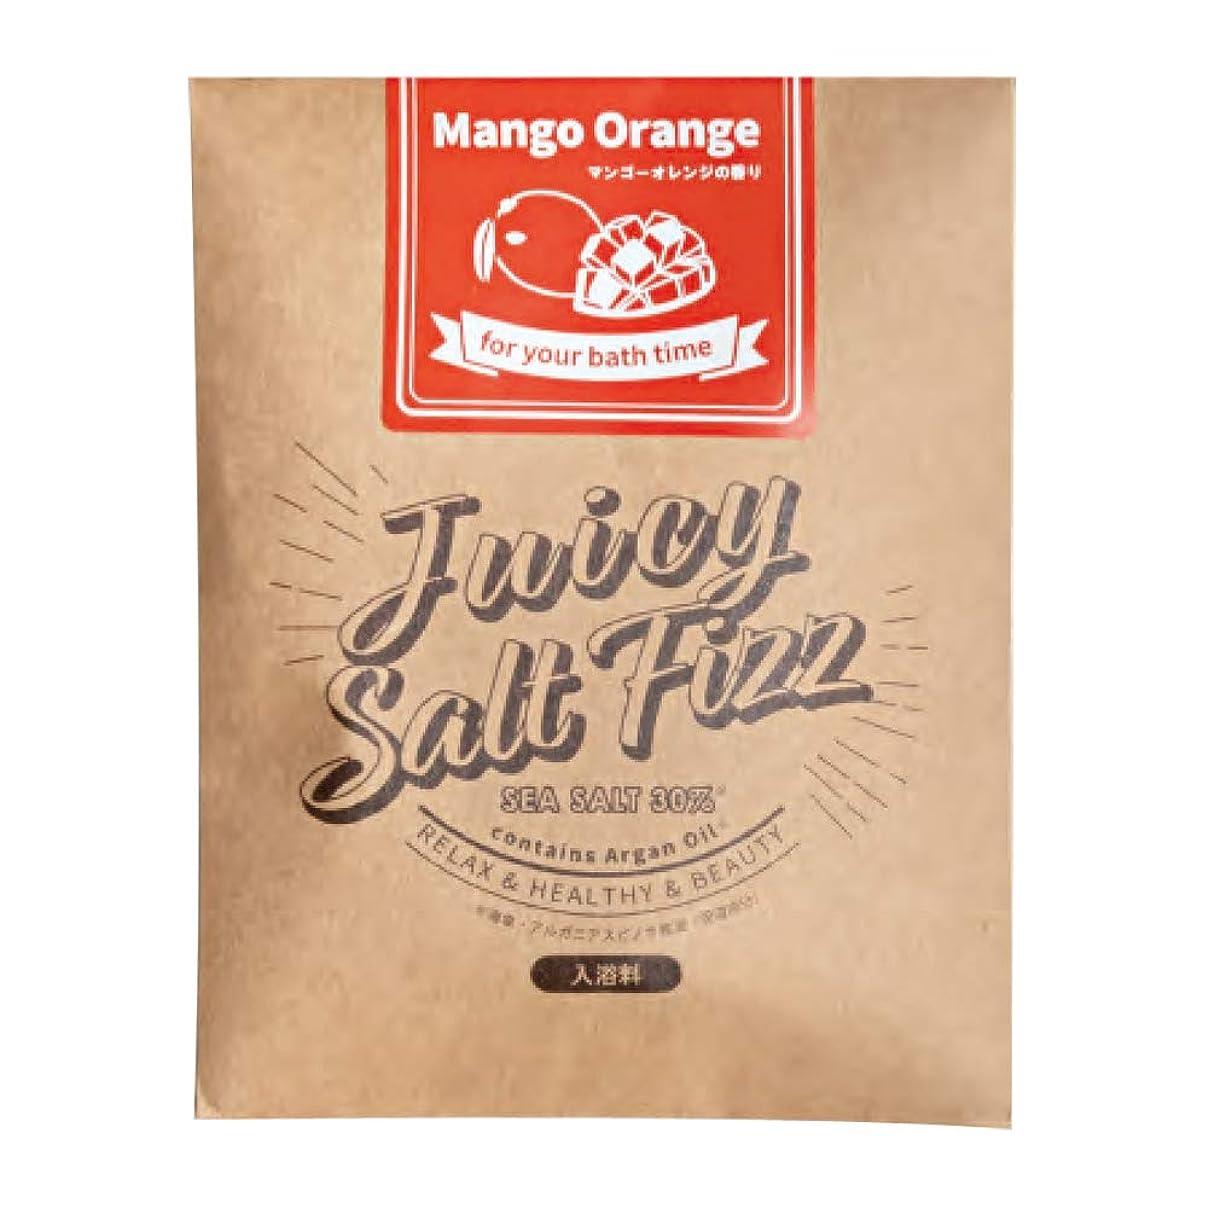 和らげるたまにボイコットサンパルコ 入浴剤 ジューシーソルトフィズ マンゴーオレンジの香り 180P